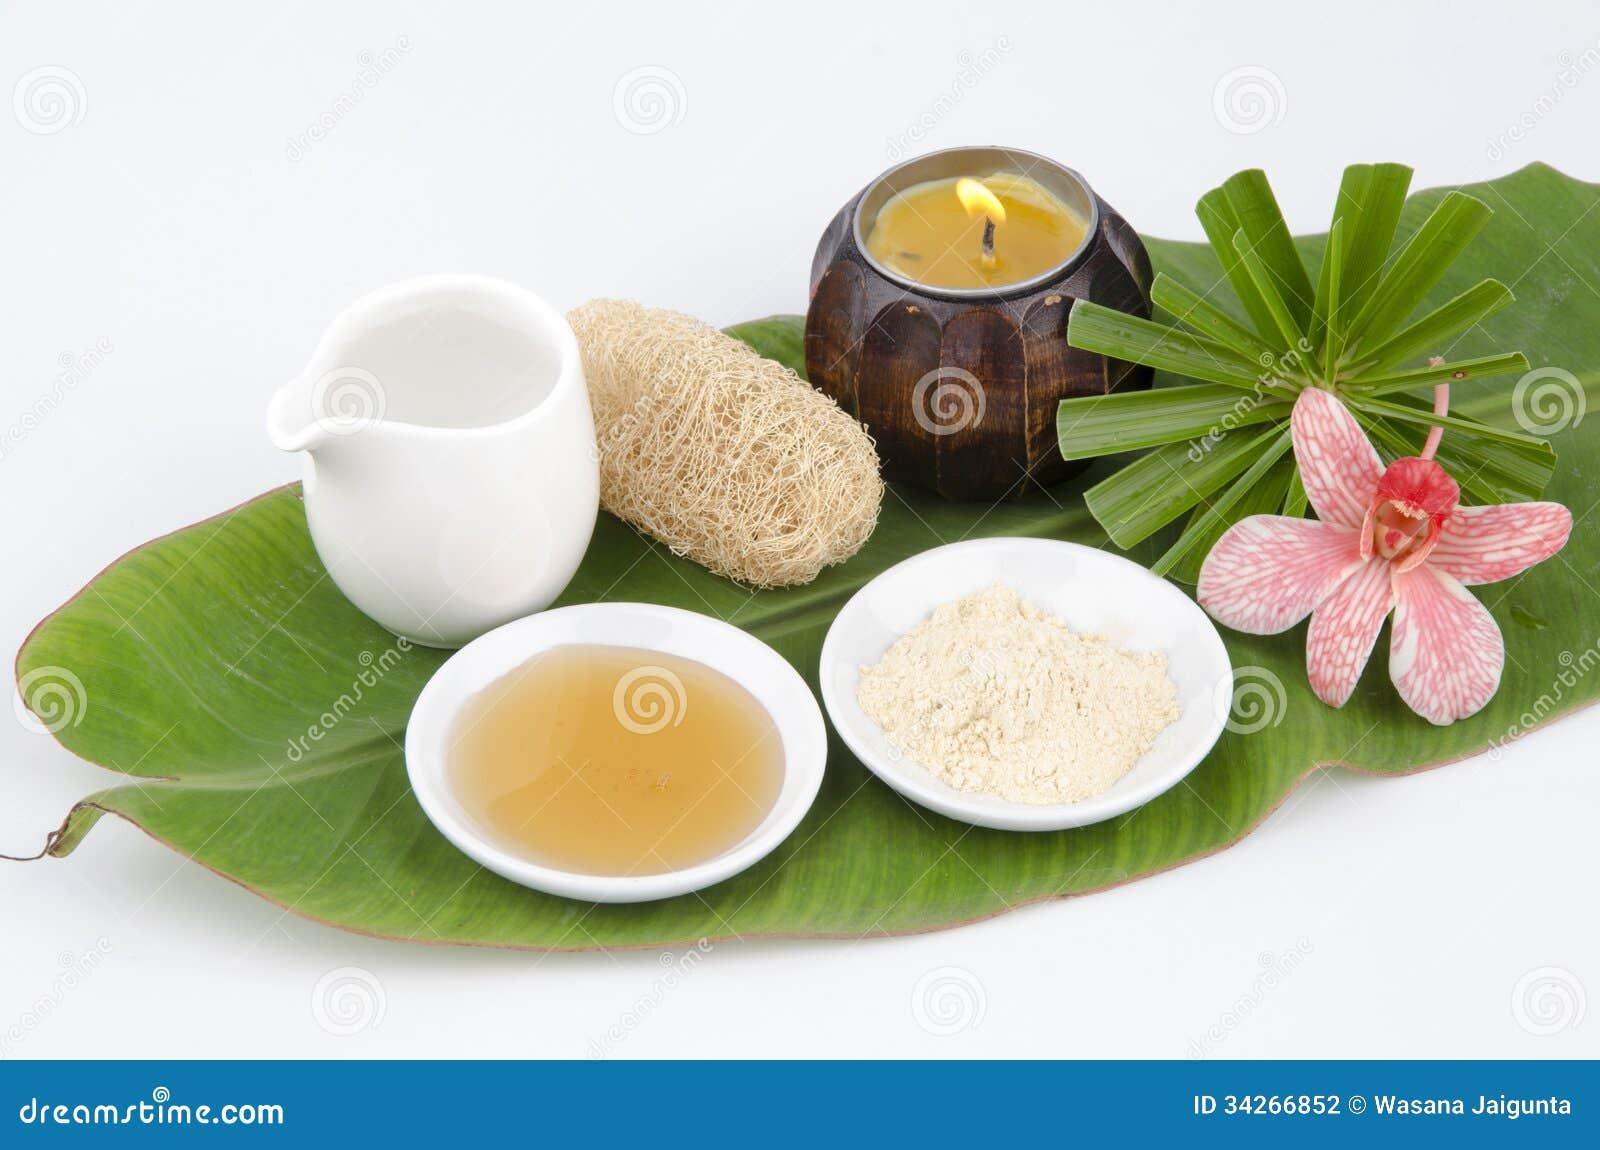 Ricetta della maschera di protezione con Tanaka, miele, acqua. Stazione termale facciale.